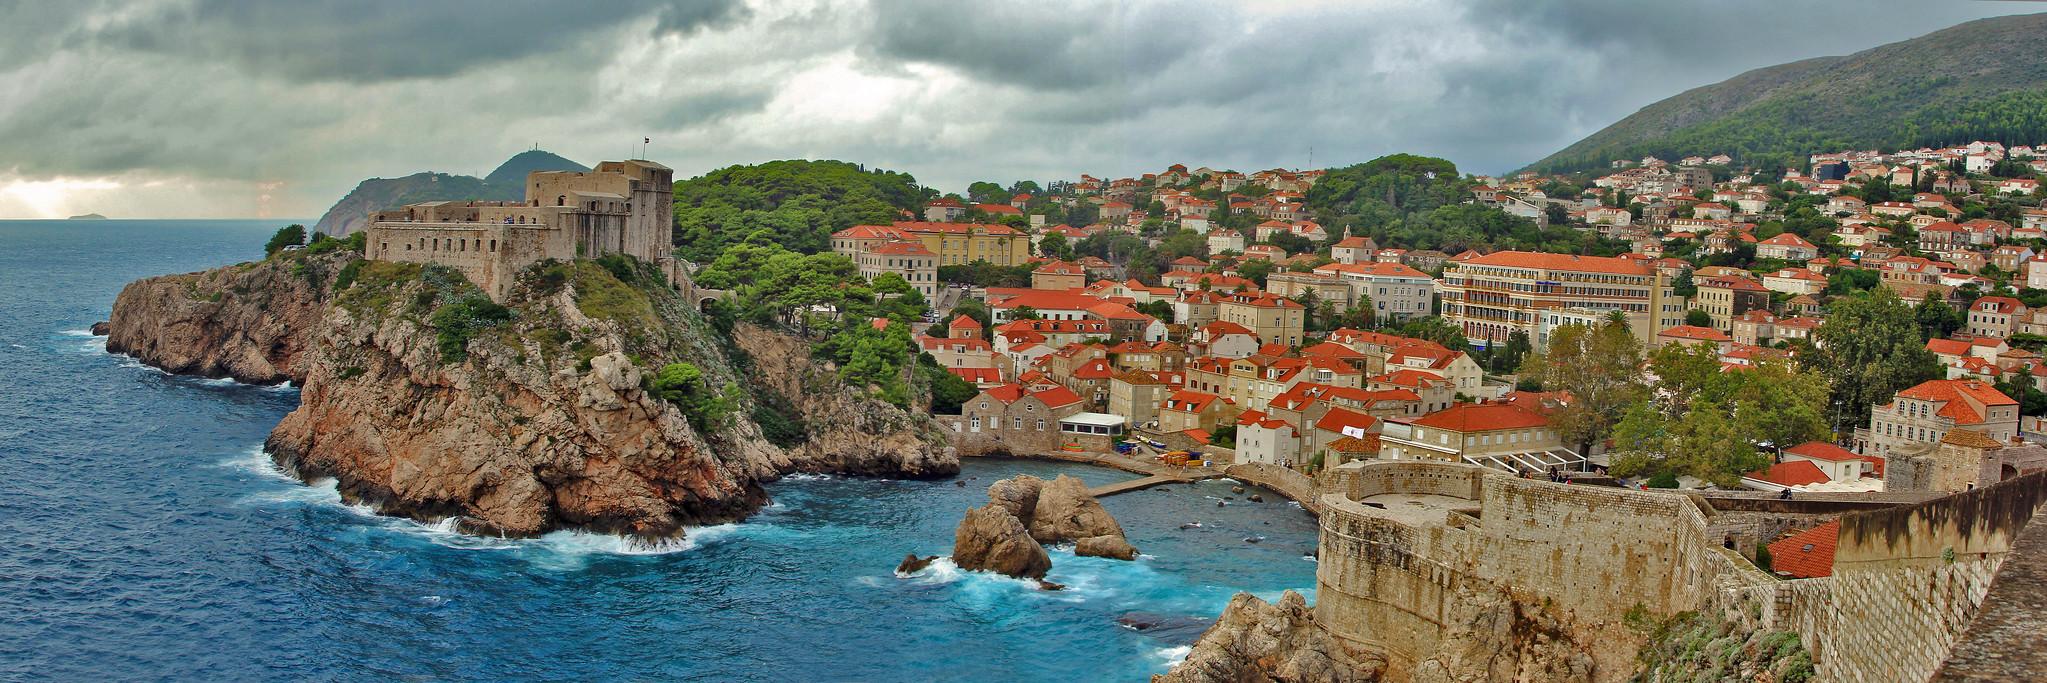 Panoramica Dubrovnik